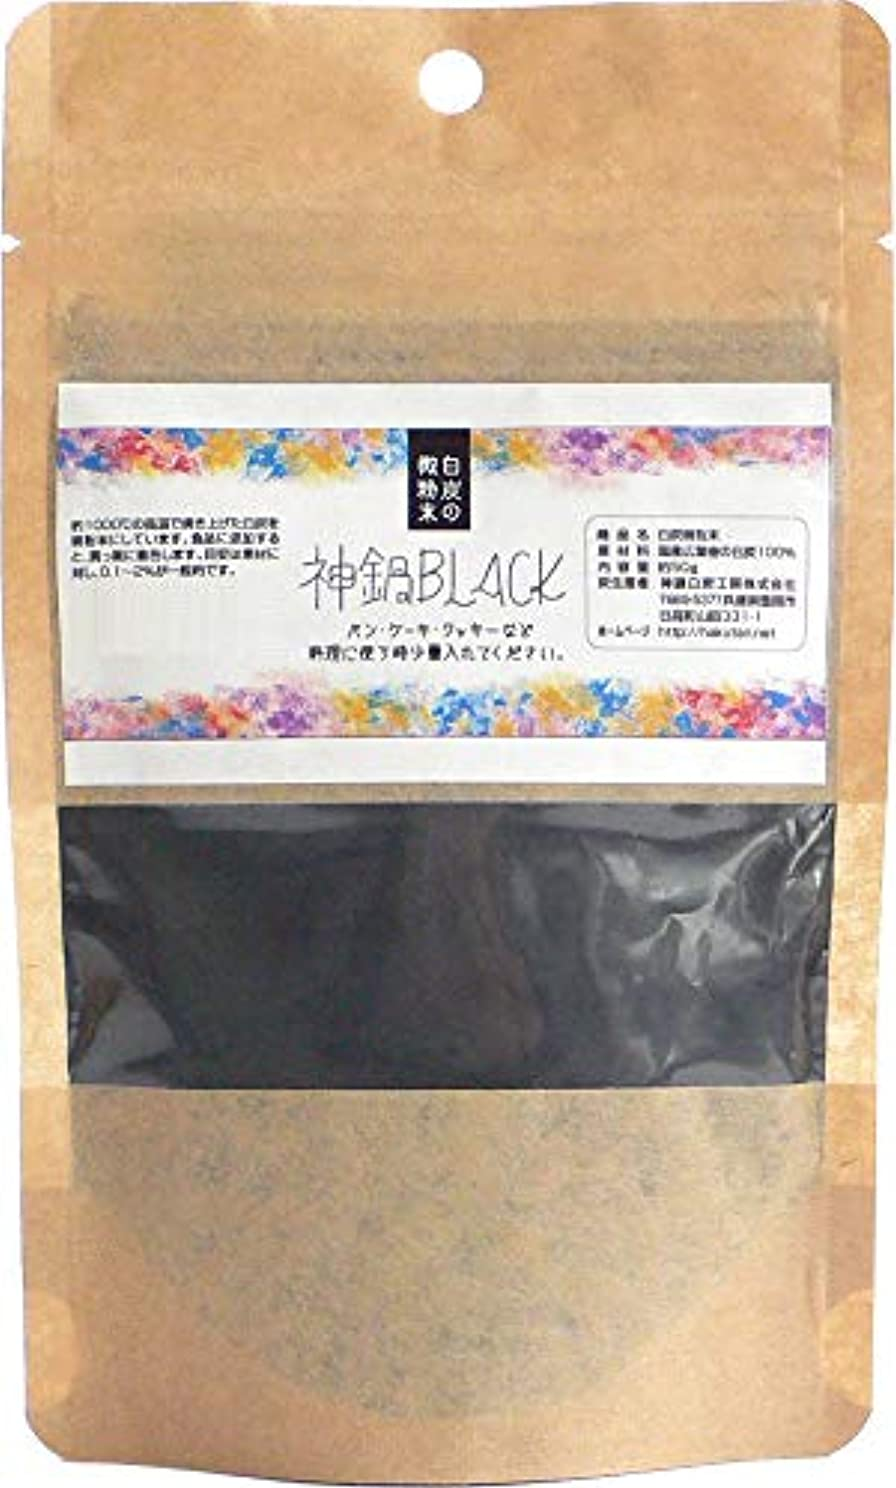 自分自身浸透する気を散らす炭パウダー チャコール 食用 クレンズ 炭 50g 10ミクロン 着色料 神鍋BLACK 兵庫県産